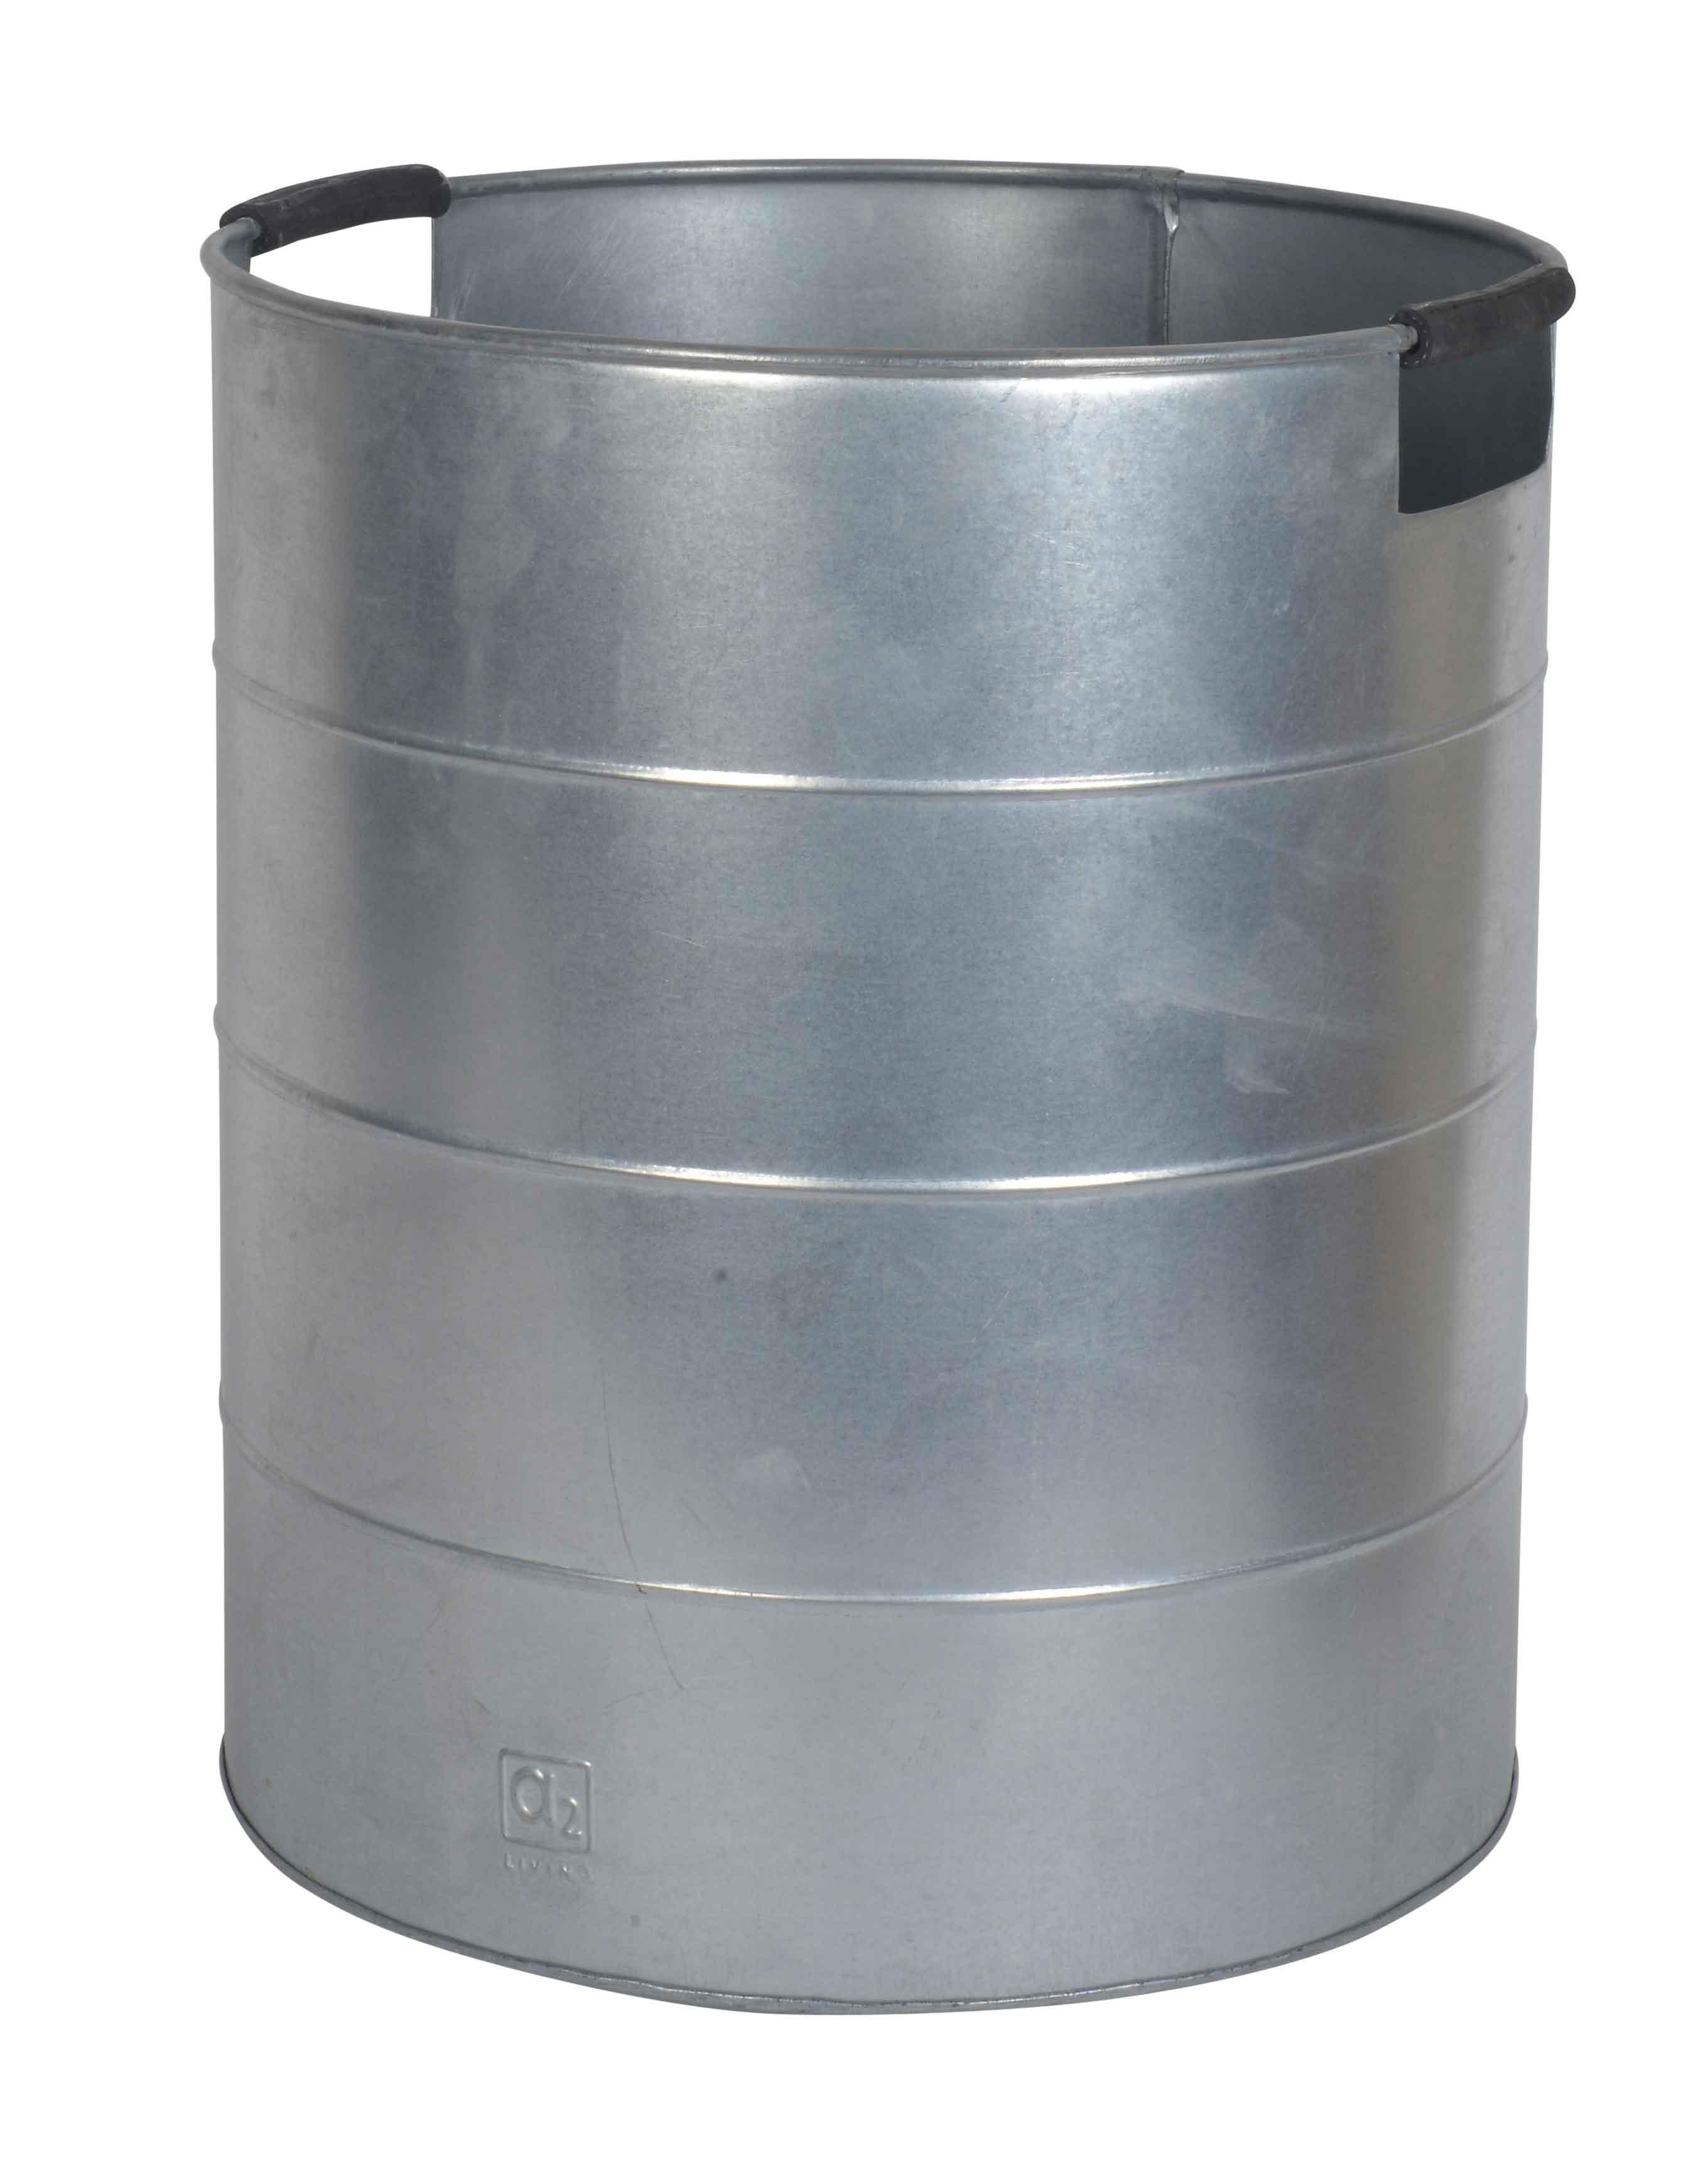 Image of A2 LIVING Maxi Plantespand - galvaniseret stål, med håndtag